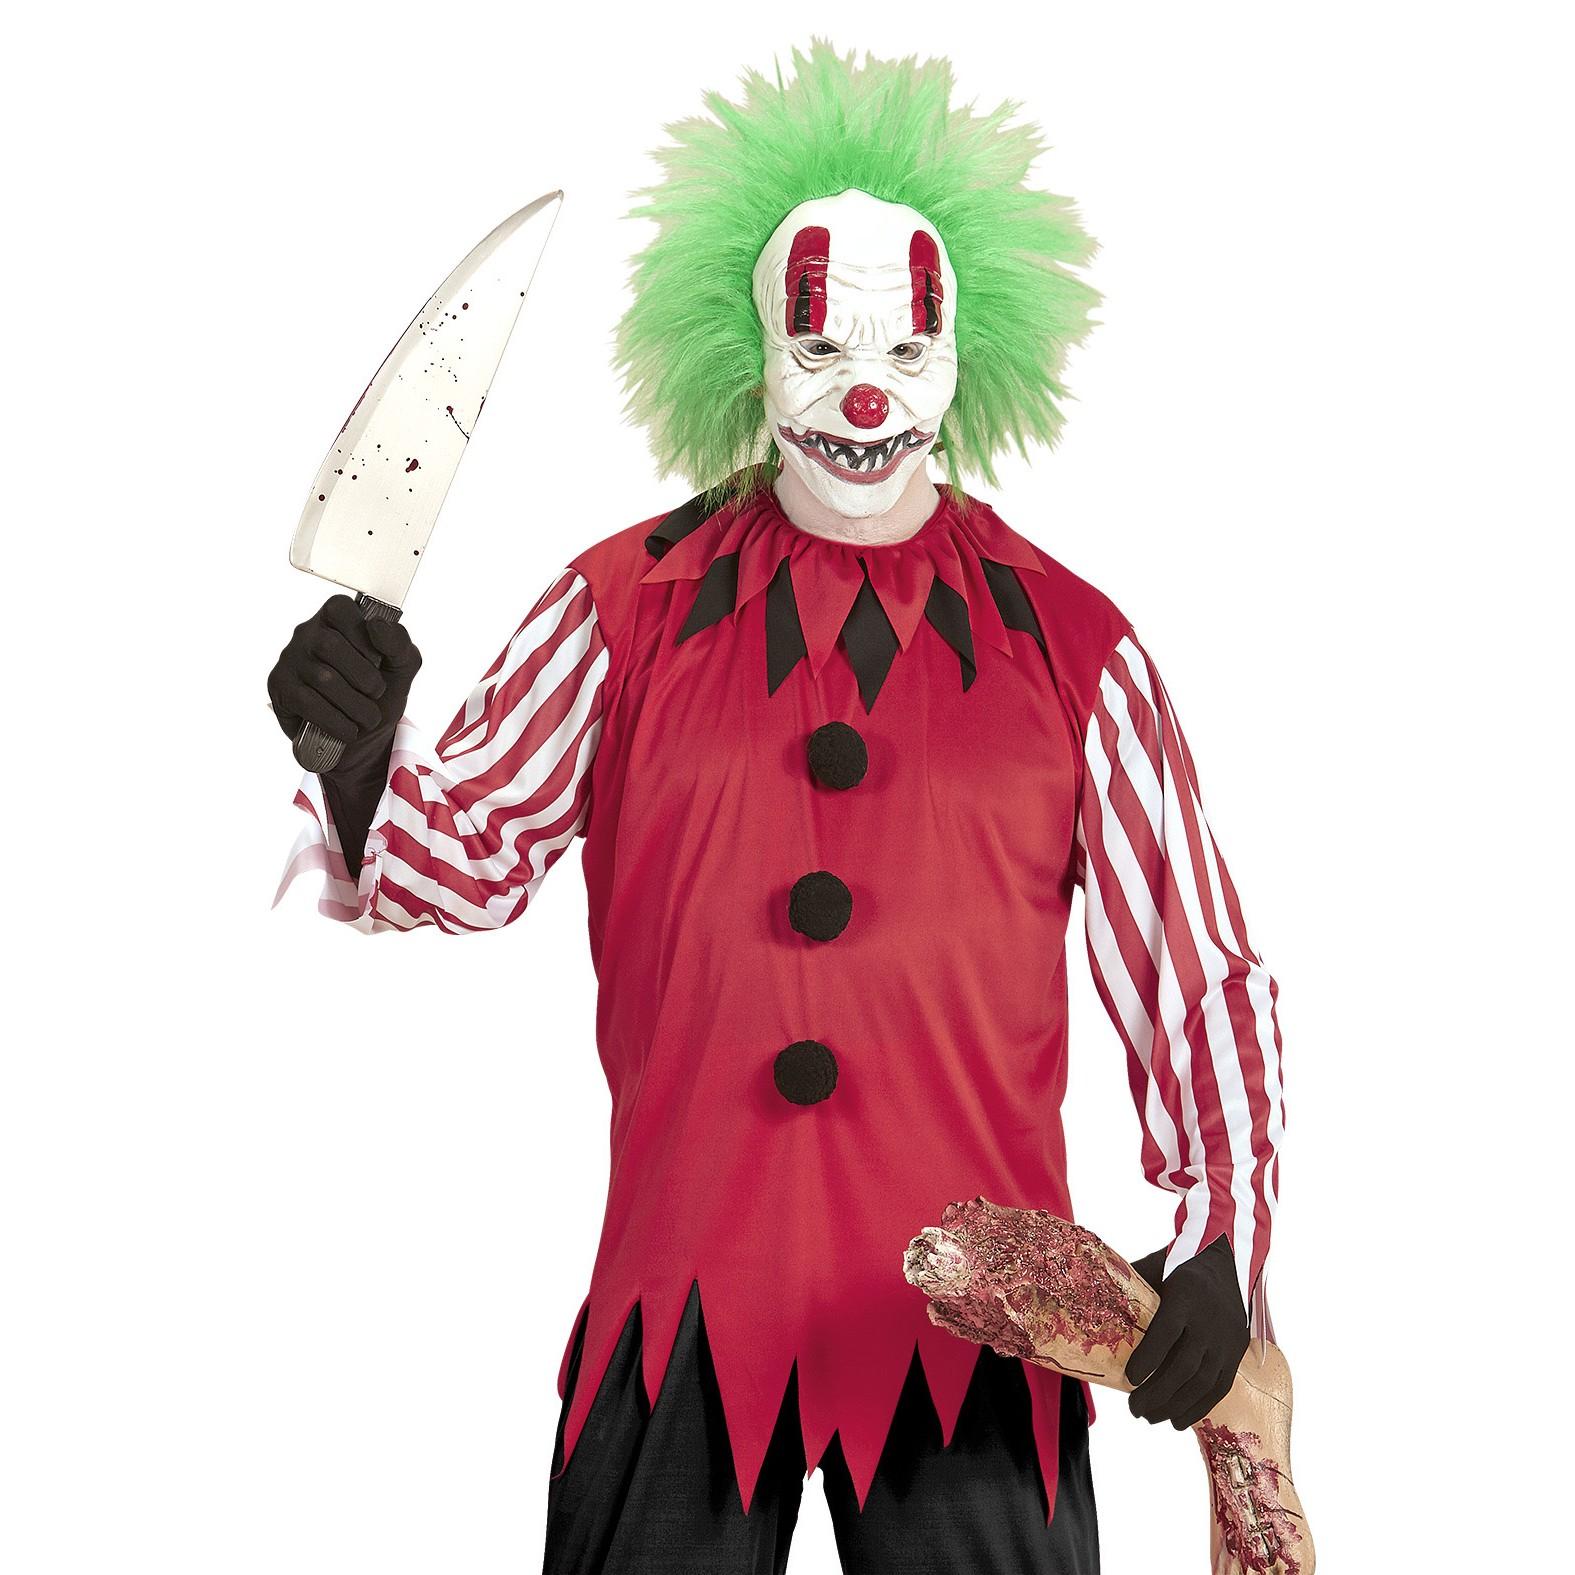 Idee di Travestimento per Halloween 2017 per Lasciare tutti a Bocca Aperta!